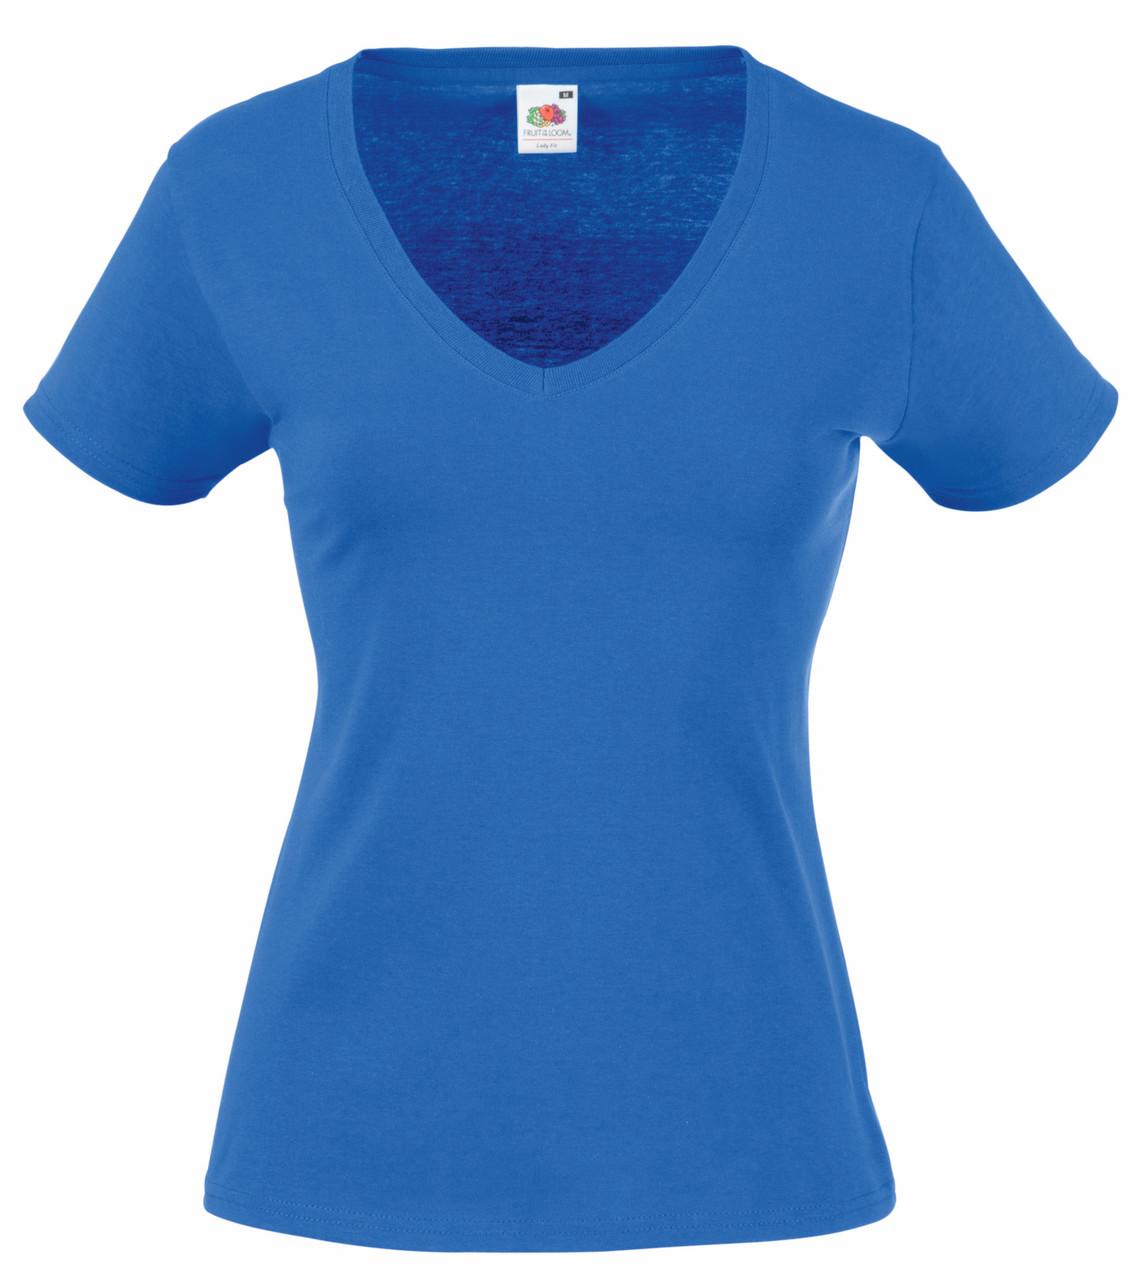 Женская Футболка С V-образным вырезом Ярко-синяя Fruit of the loom 61-398-51 XL